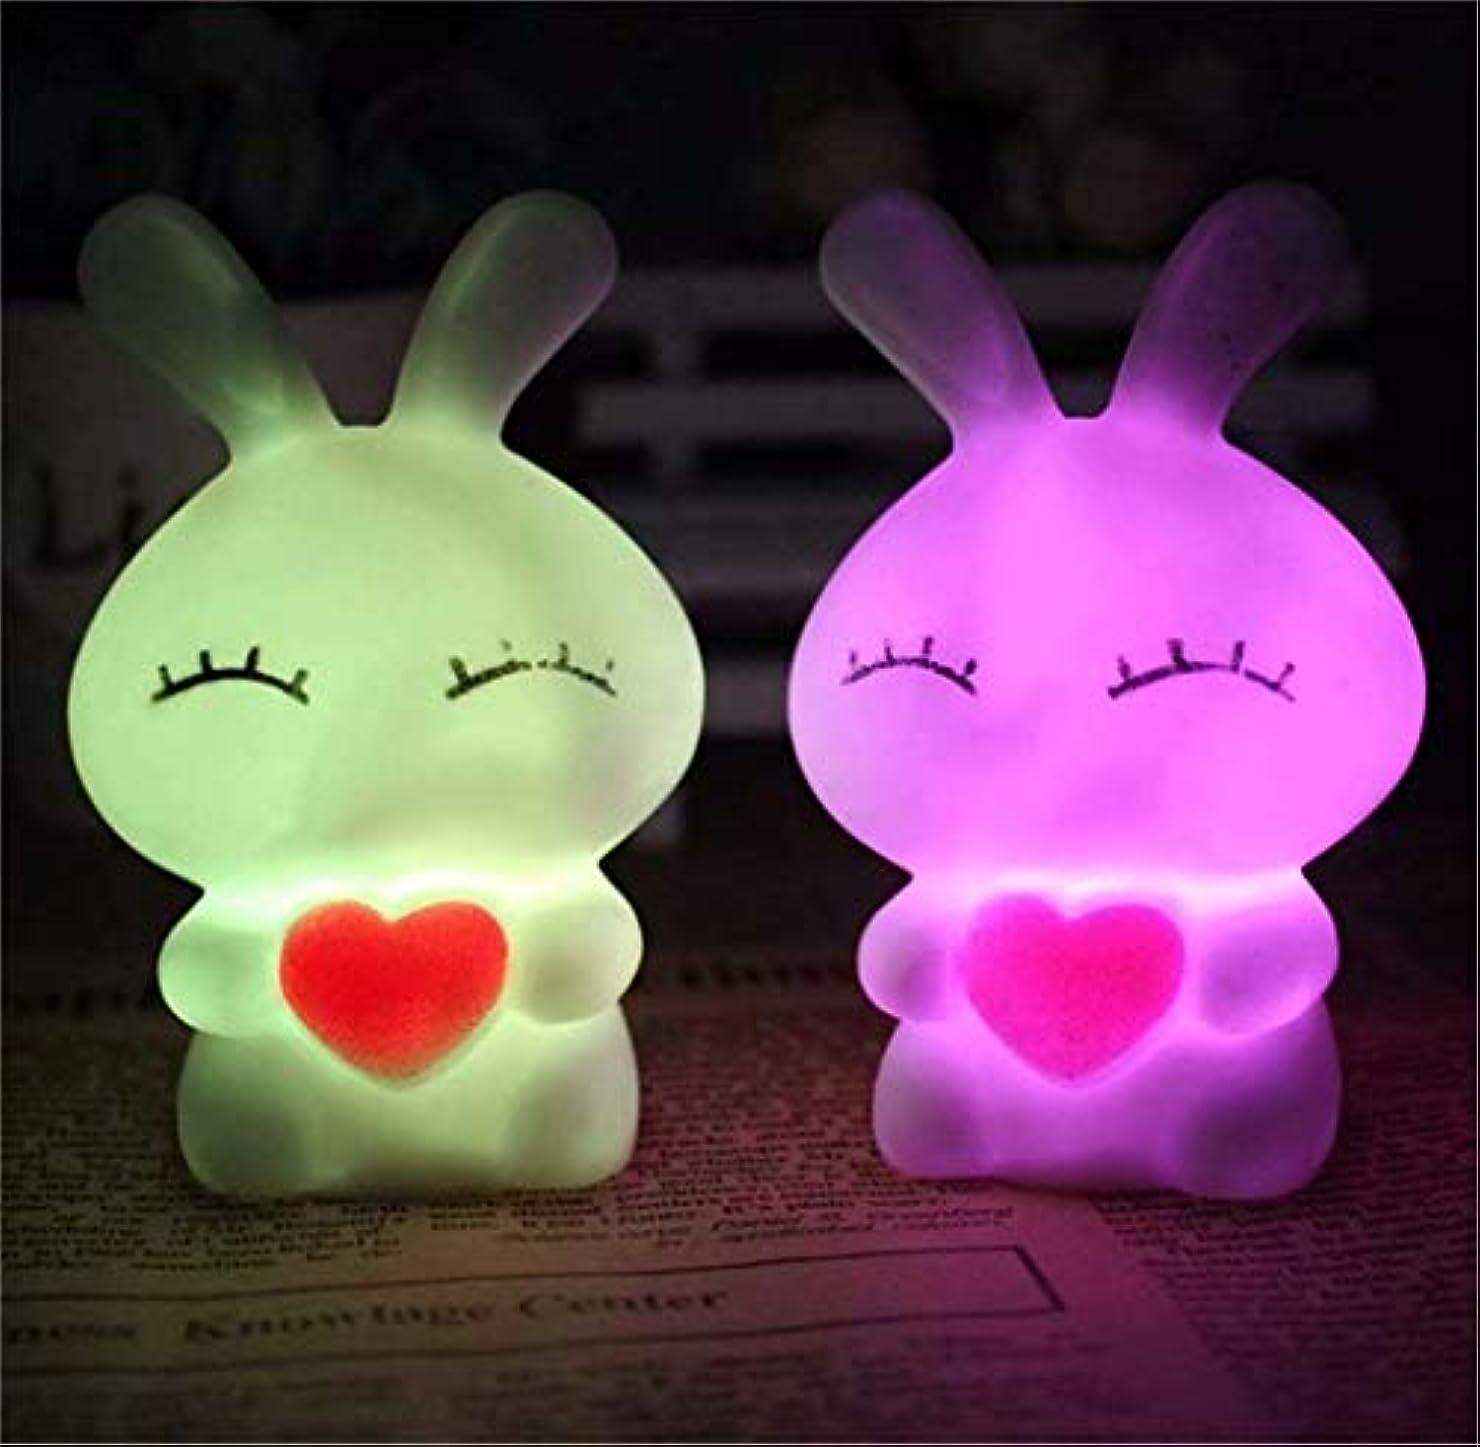 痴漢不屈シットコム七里の香 シリコンランプ LEDナイトライト 常夜灯 USB充電 子供用 1PC